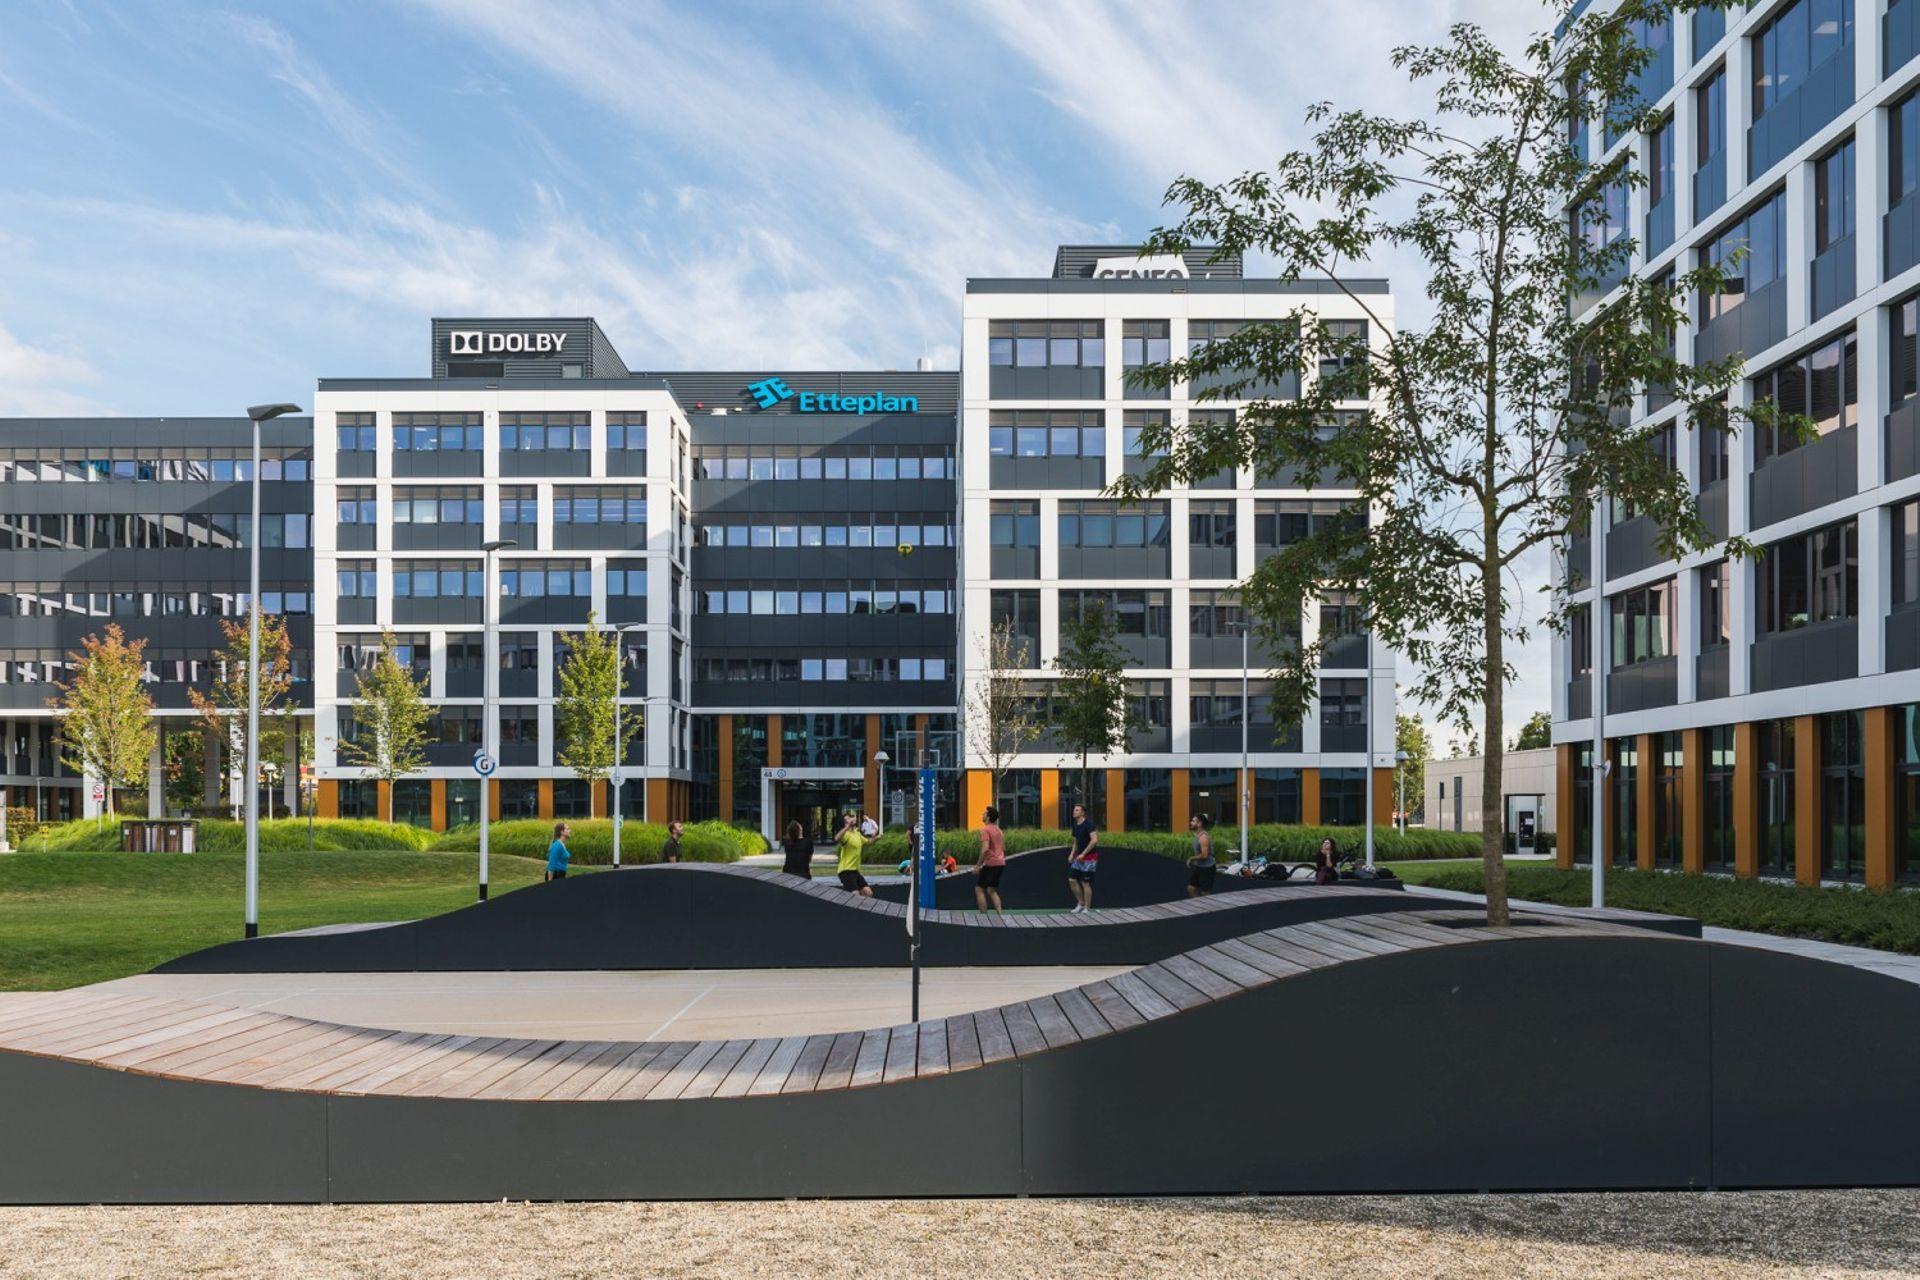 [Wrocław] Globalny producent sprzętu audio wideo wynajął większe biura we Wrocławiu